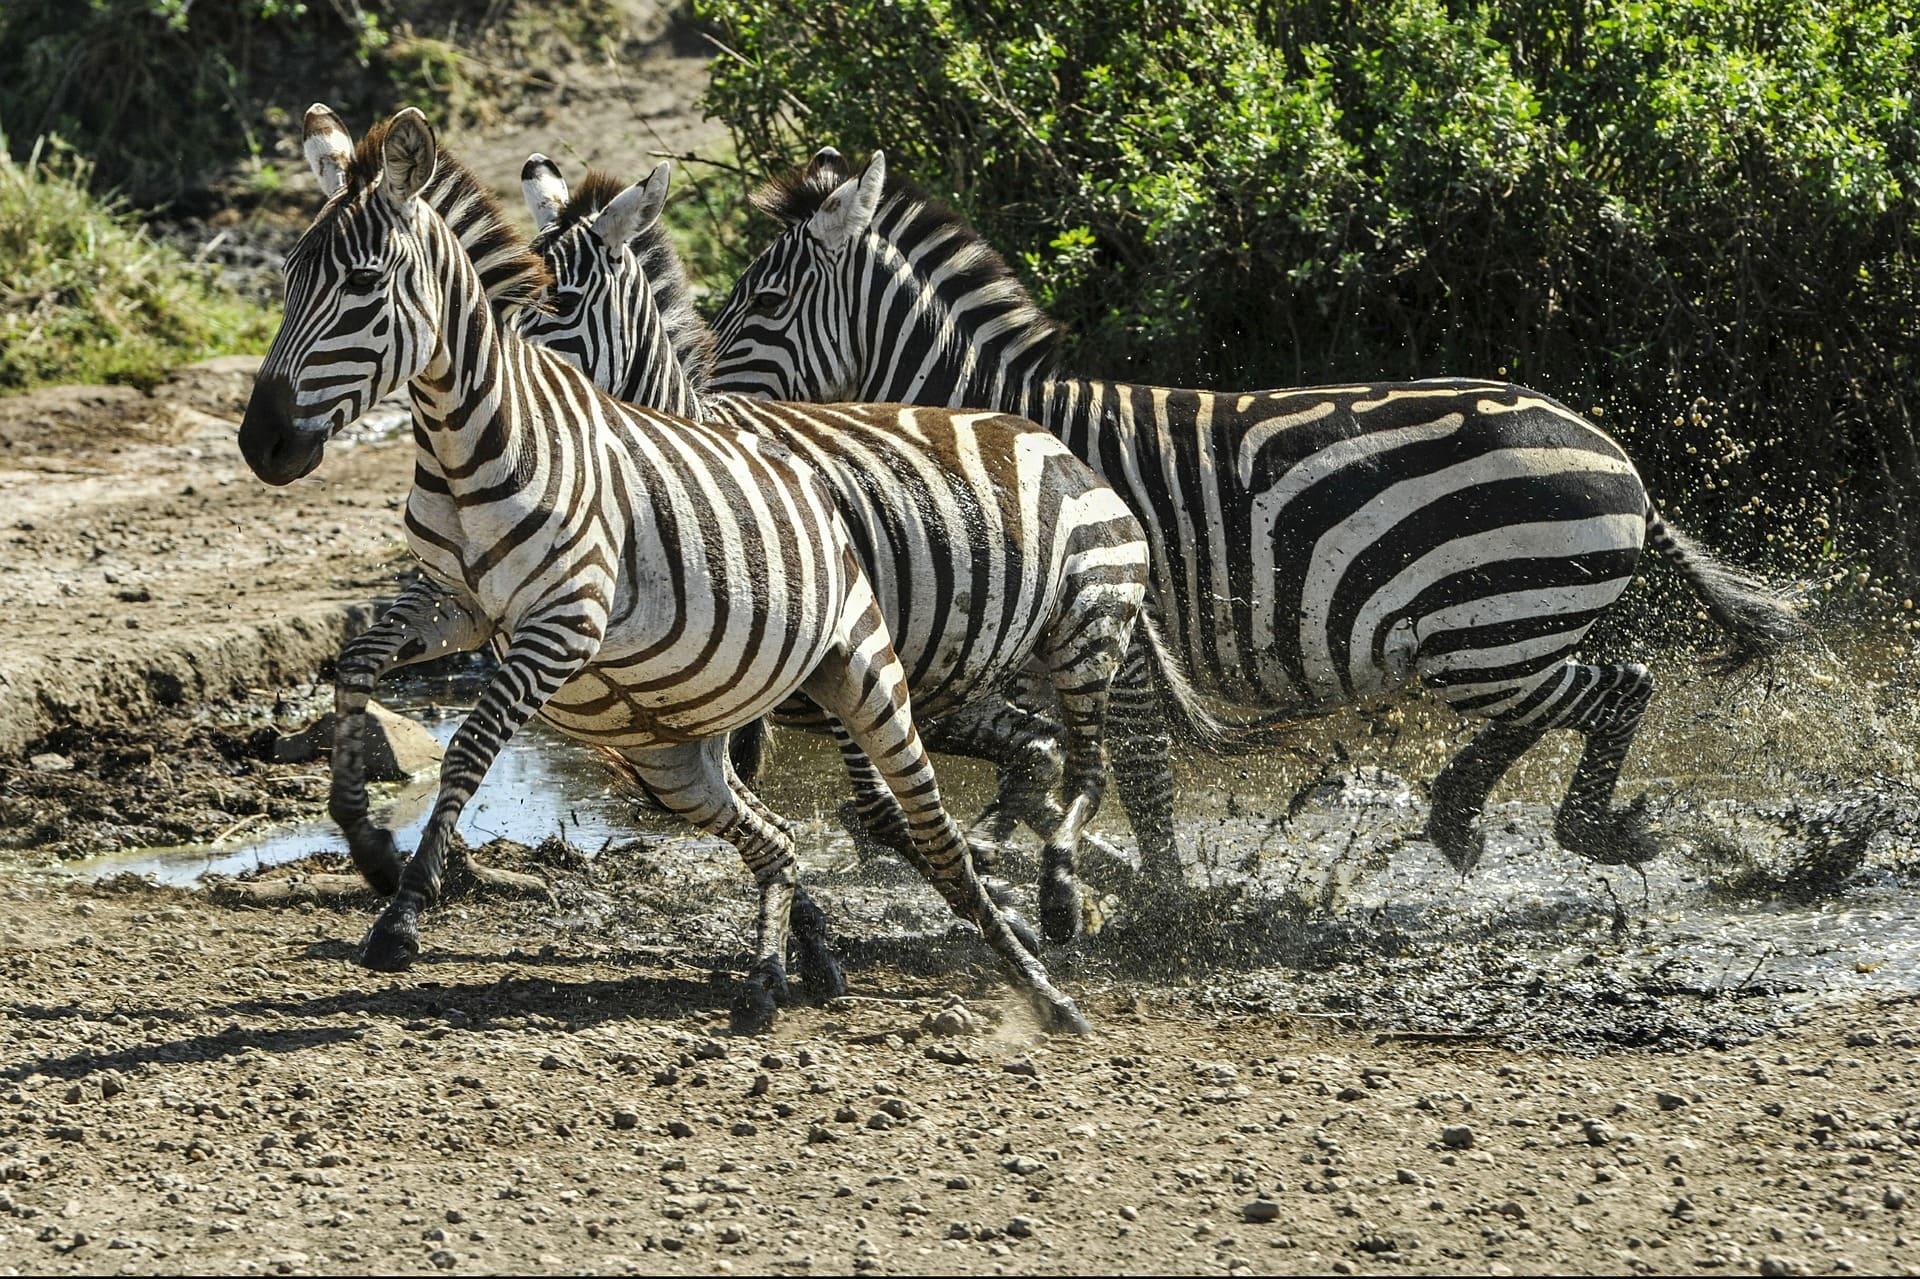 zebras in mud